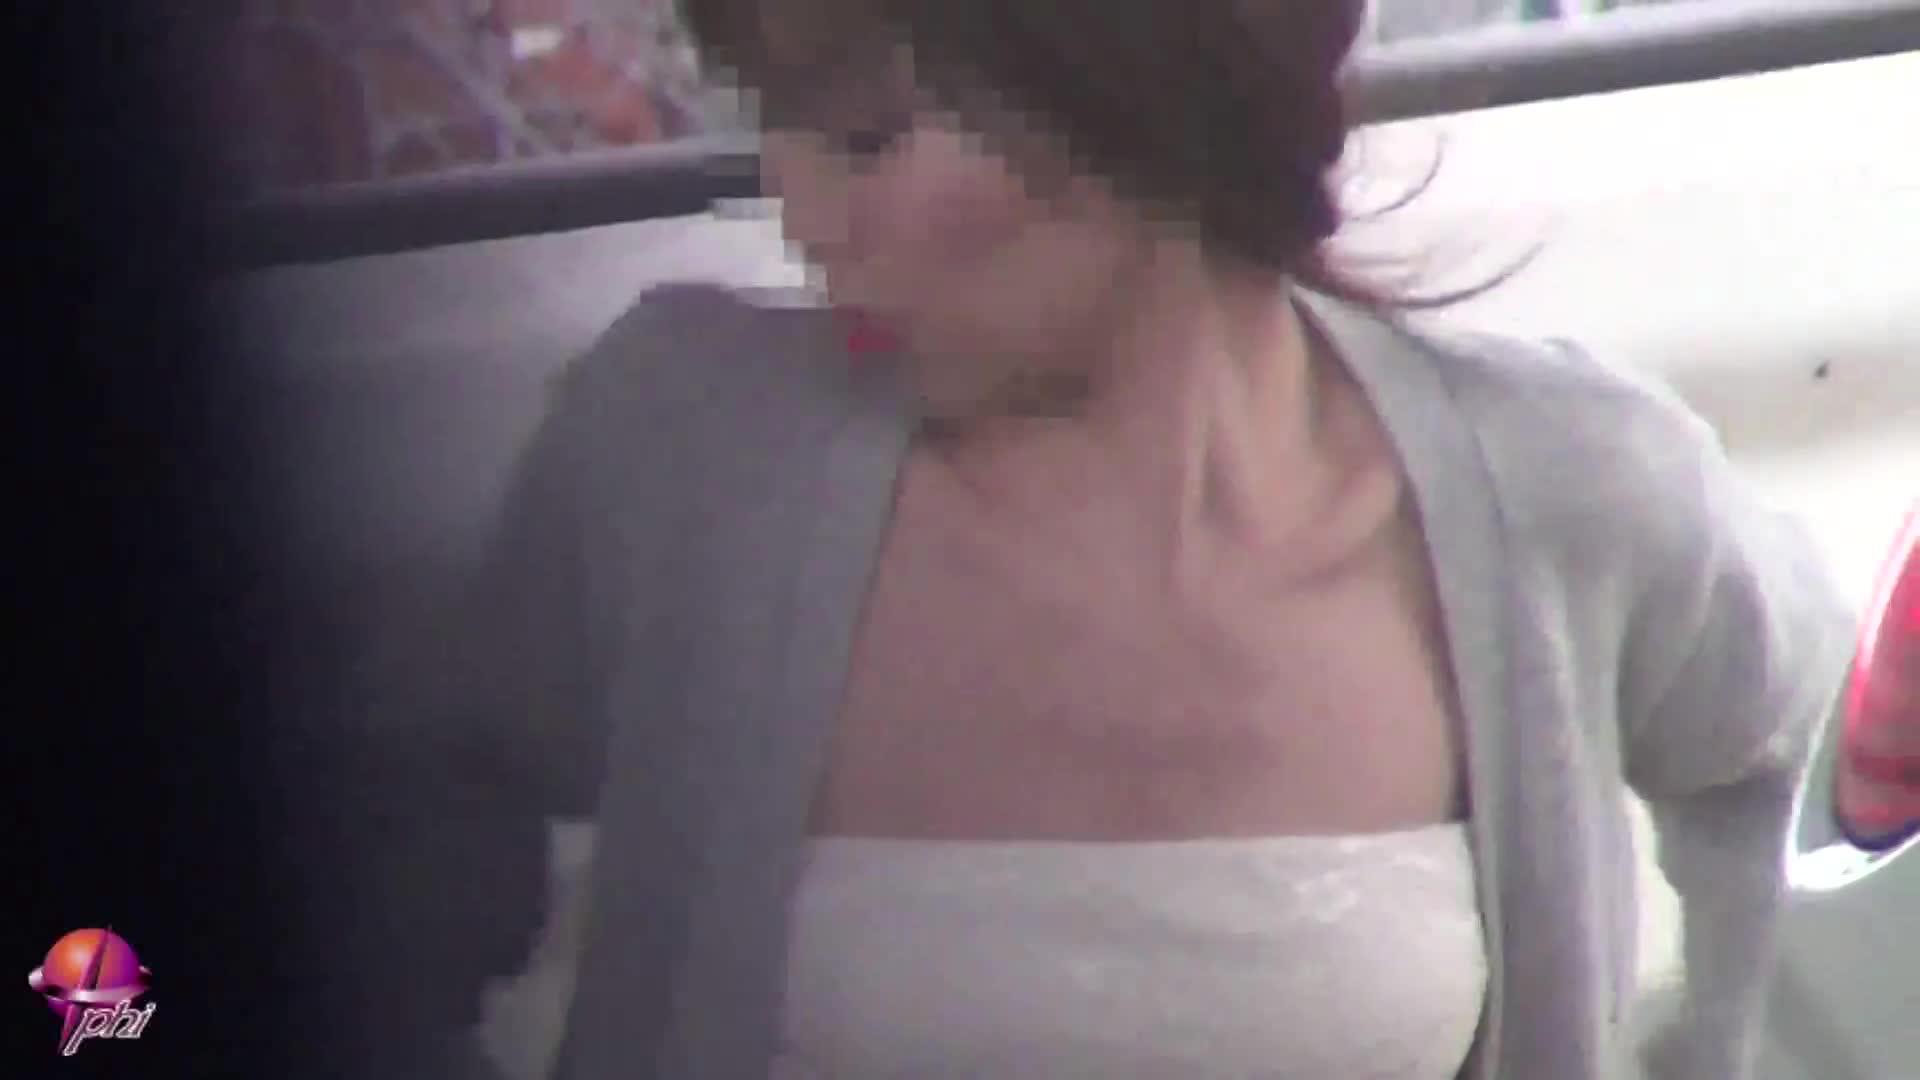 【 盗撮動画 】服がズレてしまっておっぱいポロリや前屈みで乳首が丸見...